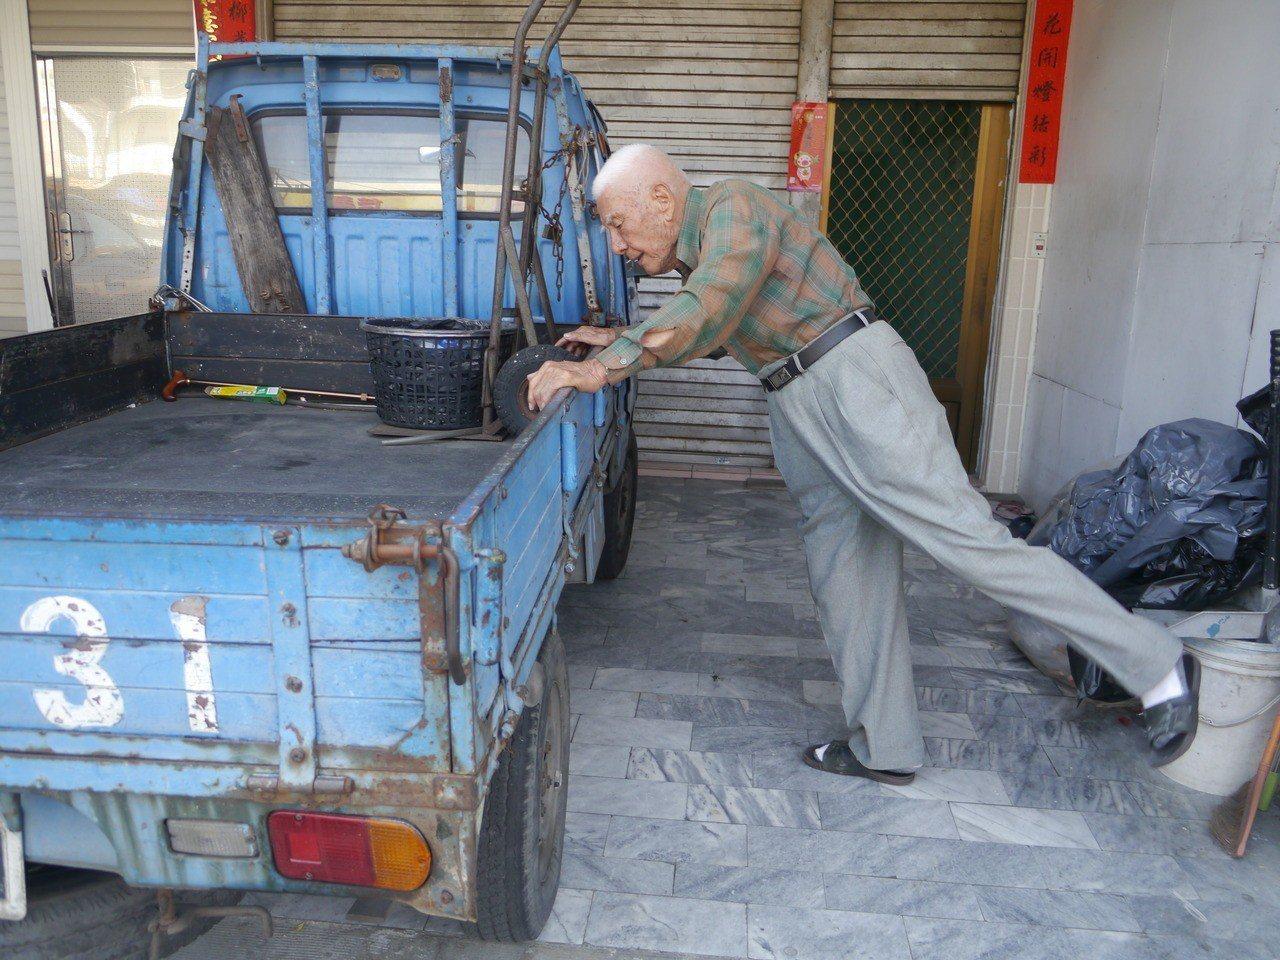 姜伯伯說,平常都在住家騎樓運動,他的小貨車是最佳運動夥伴。記者徐白櫻/攝影